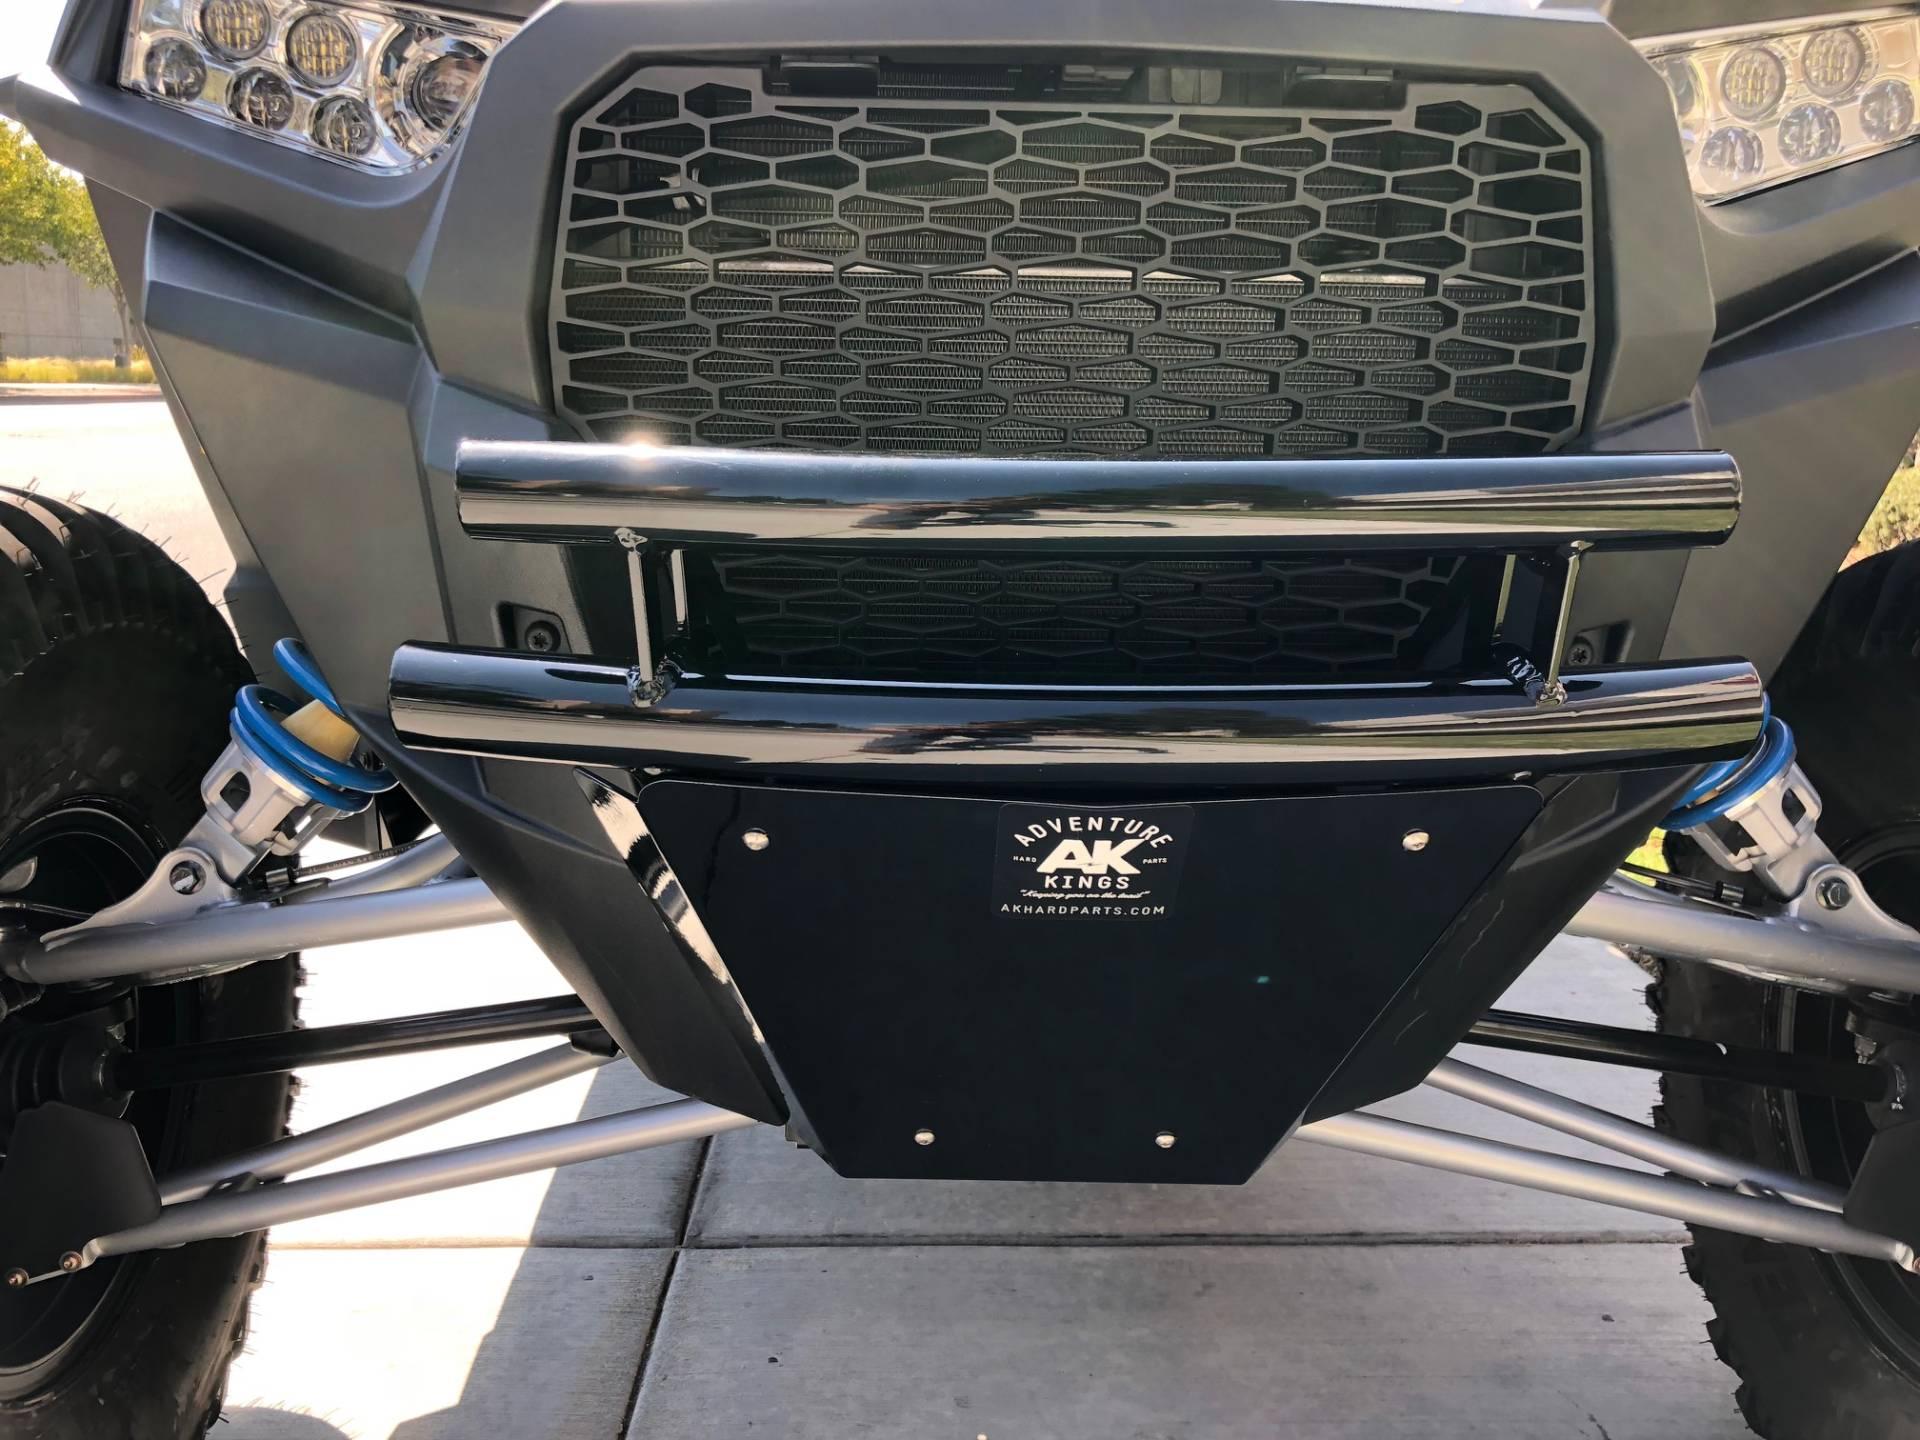 2018 Polaris RZR XP 4 Turbo EPS 12